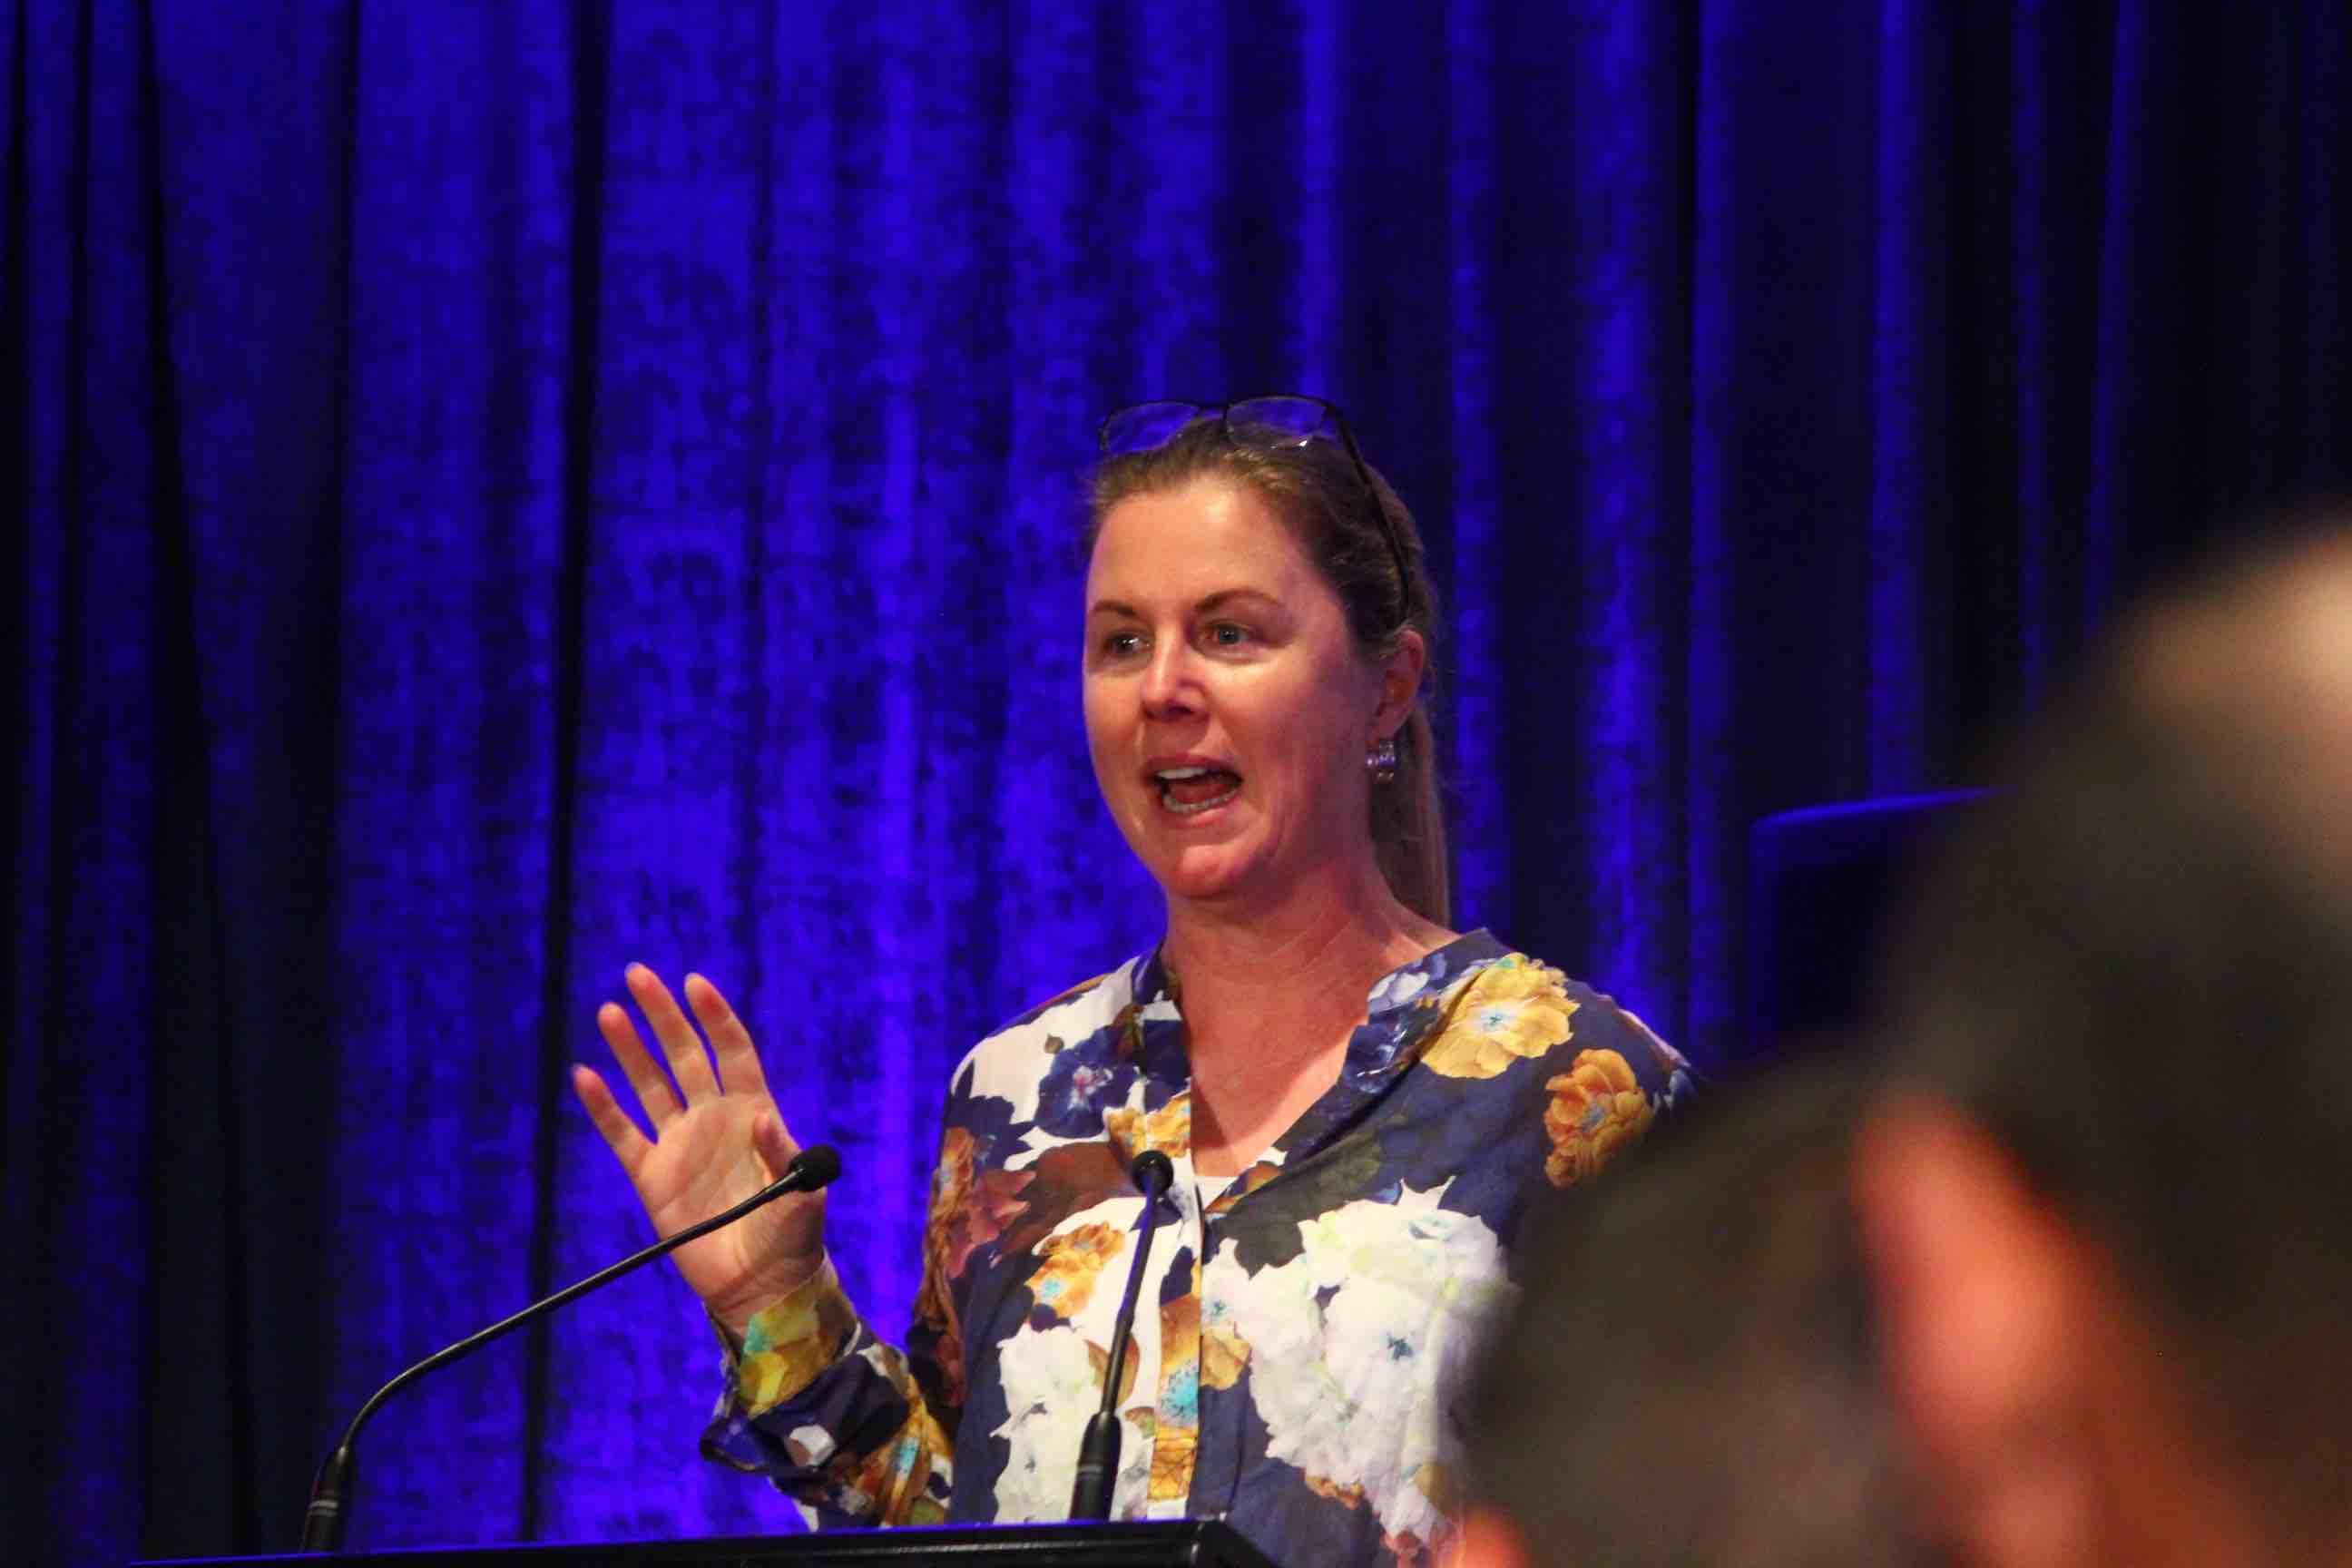 CDAO New Zealand Keynote Speaker 2